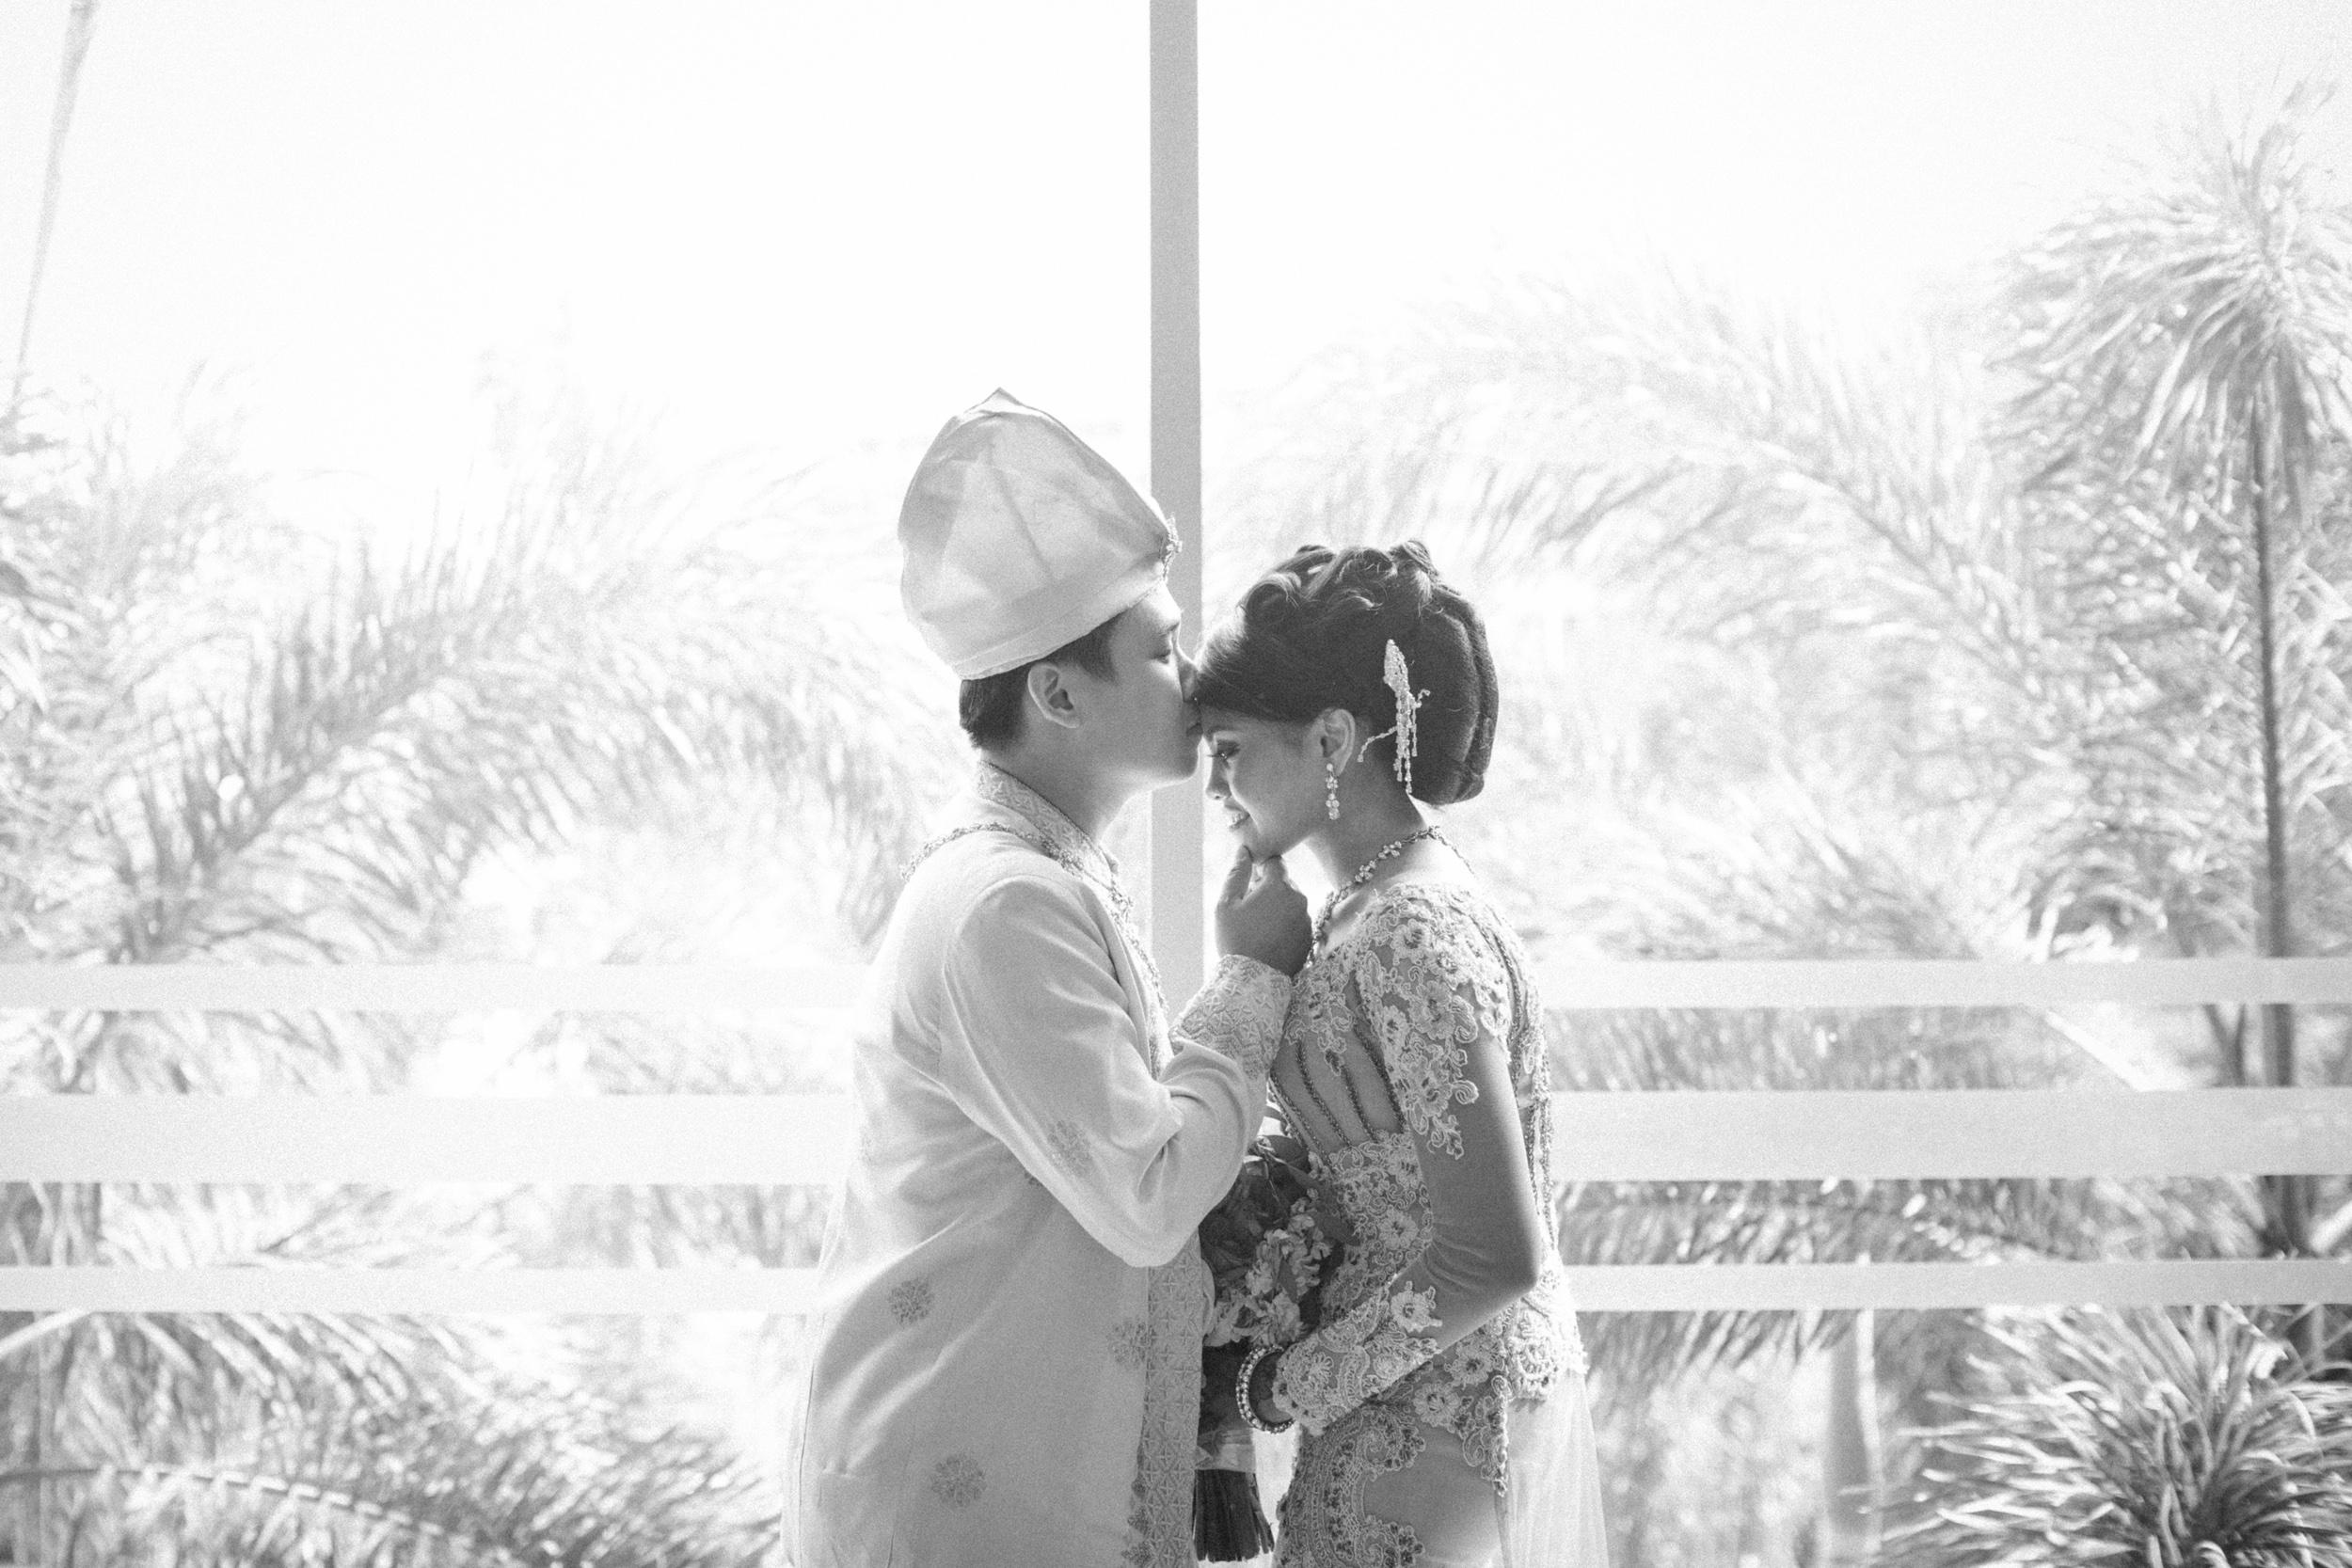 singapore-wedding-photographer-wemadethese-shikin-yanho-058.jpg